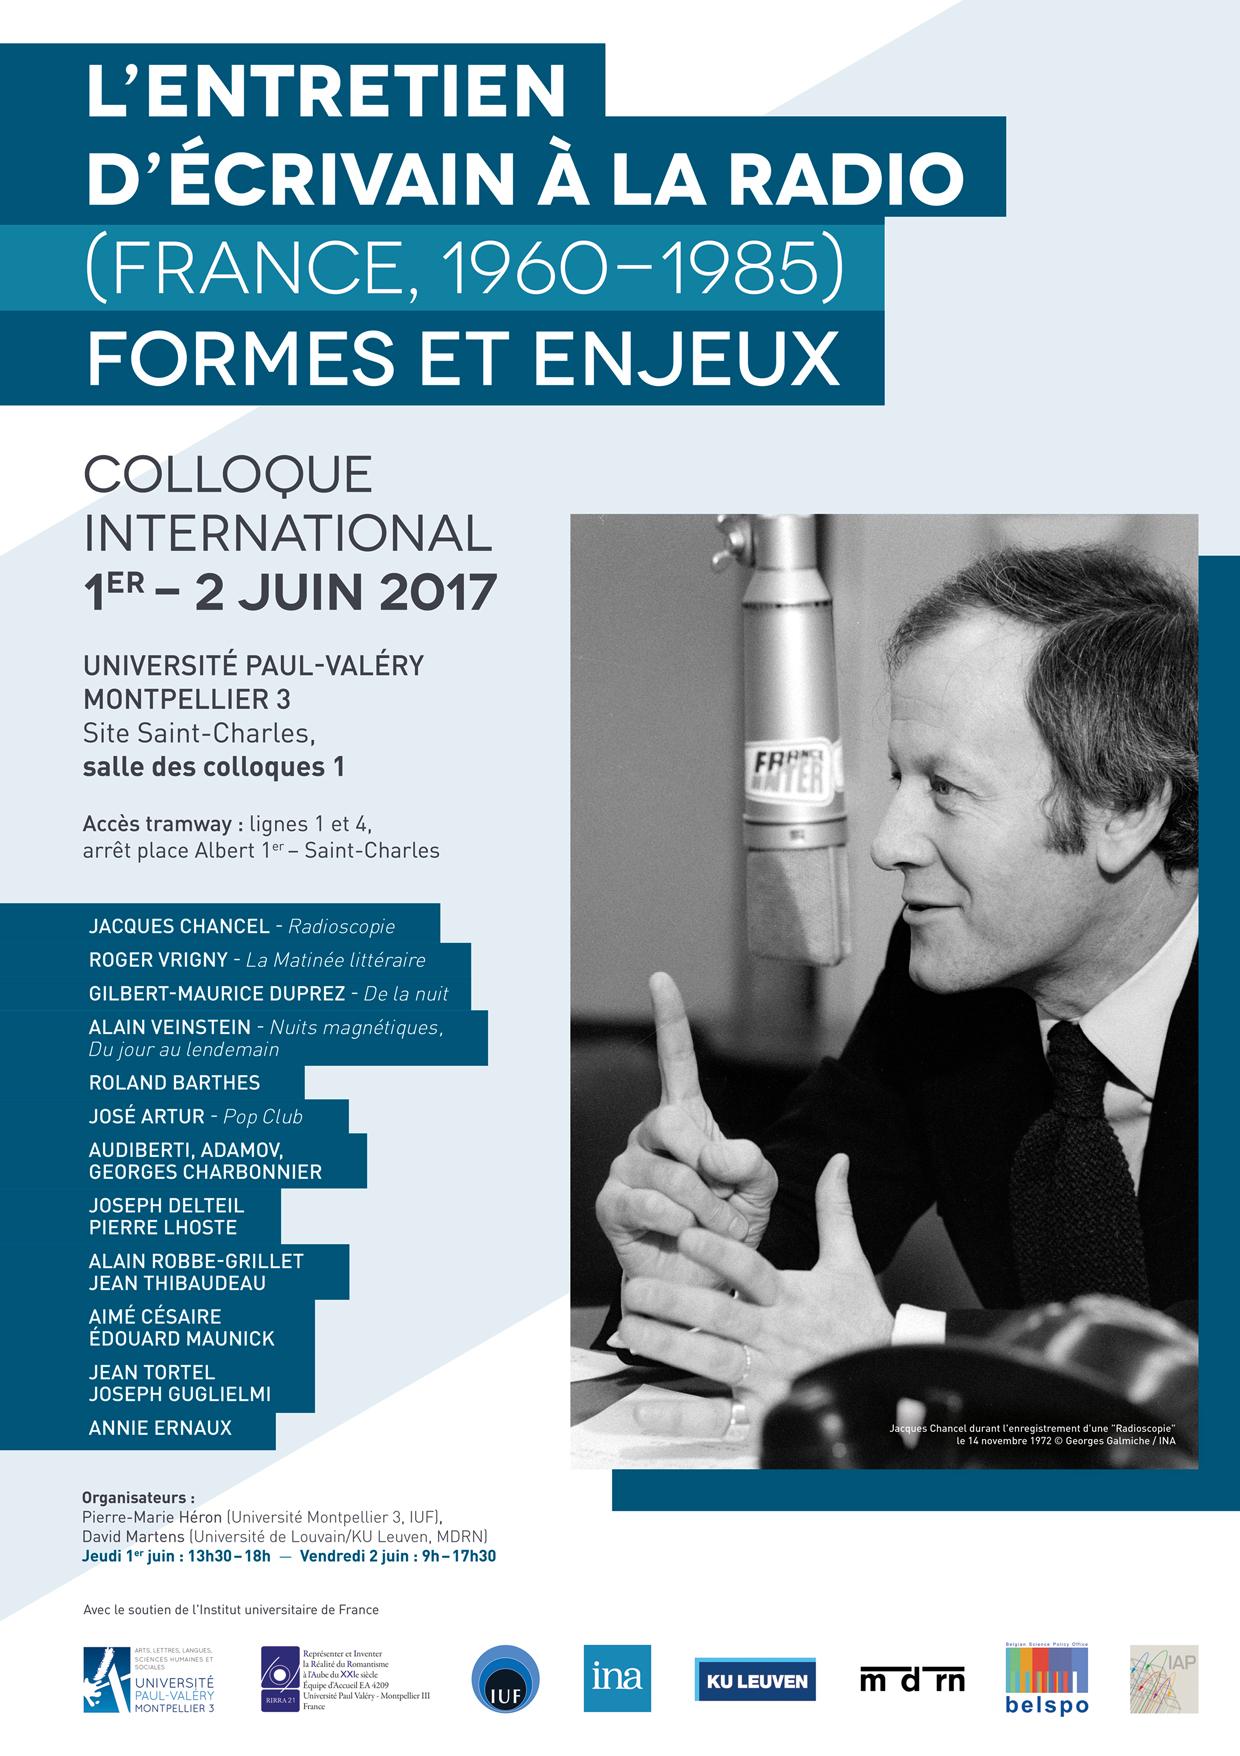 L'entretien d'écrivain à la radio (France, 1960-1985). Formes et enjeux, Université de Montpellier, 1er & 2 juin 2017